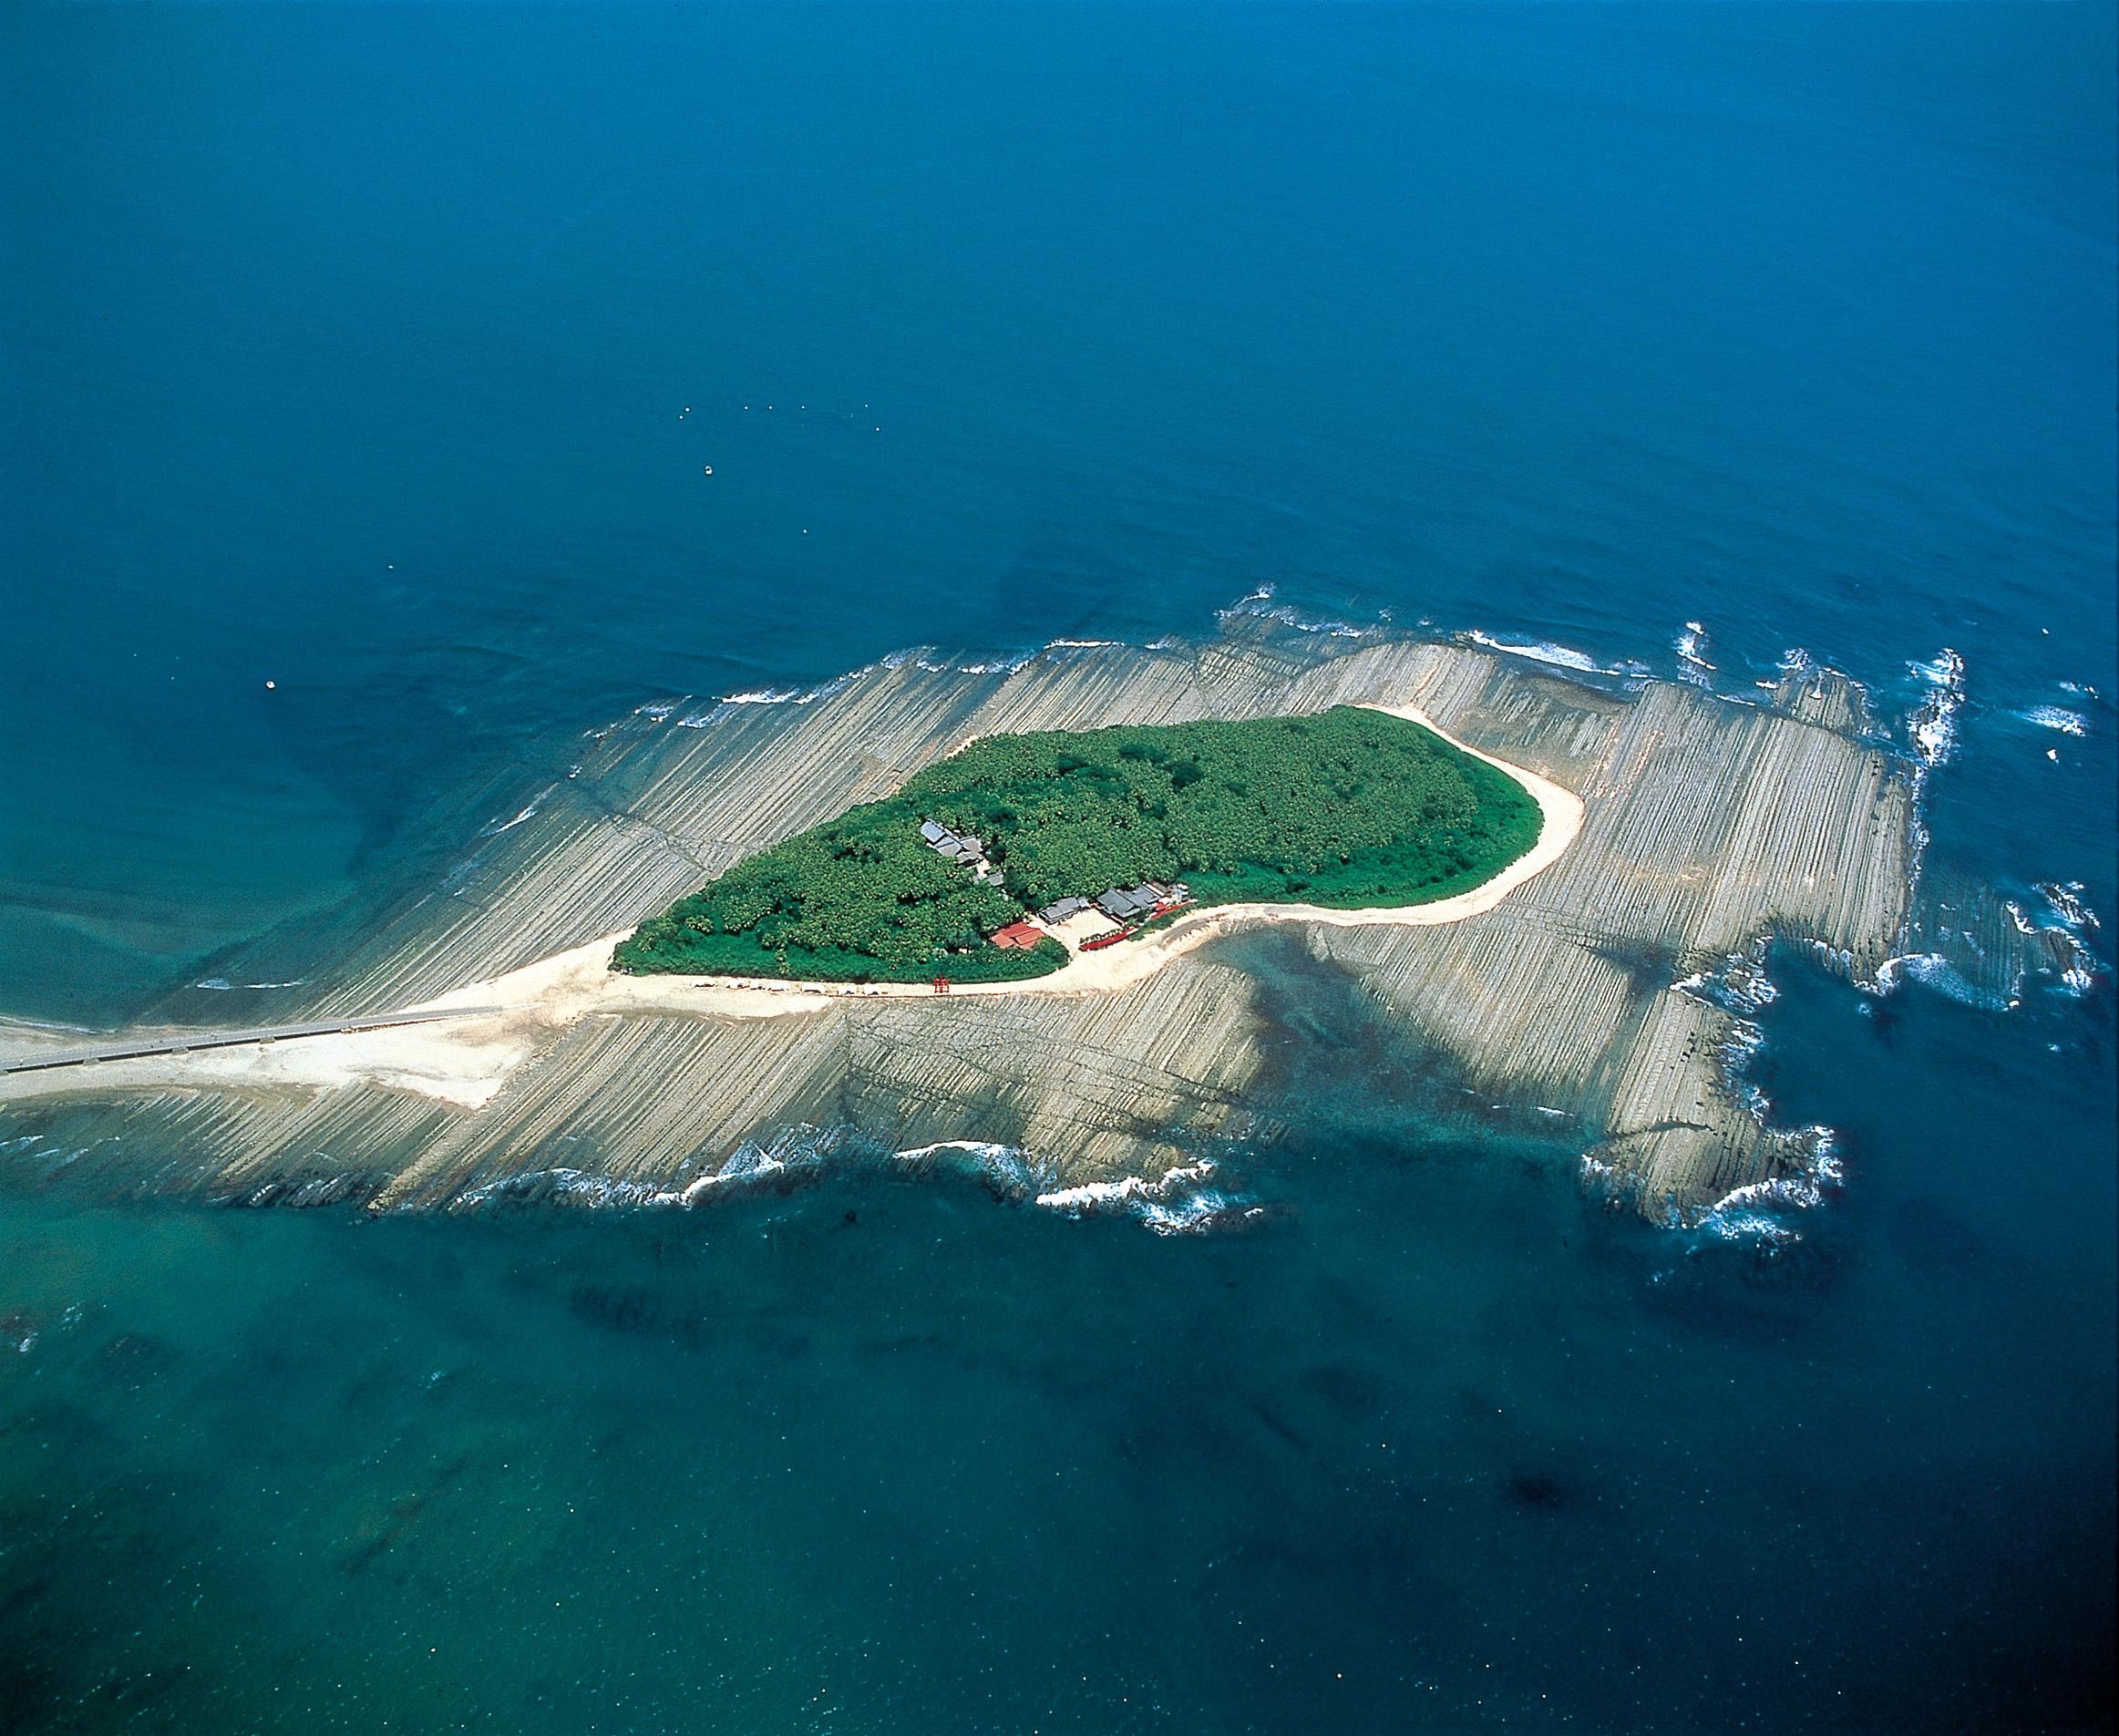 Day 10: Aoshima Island